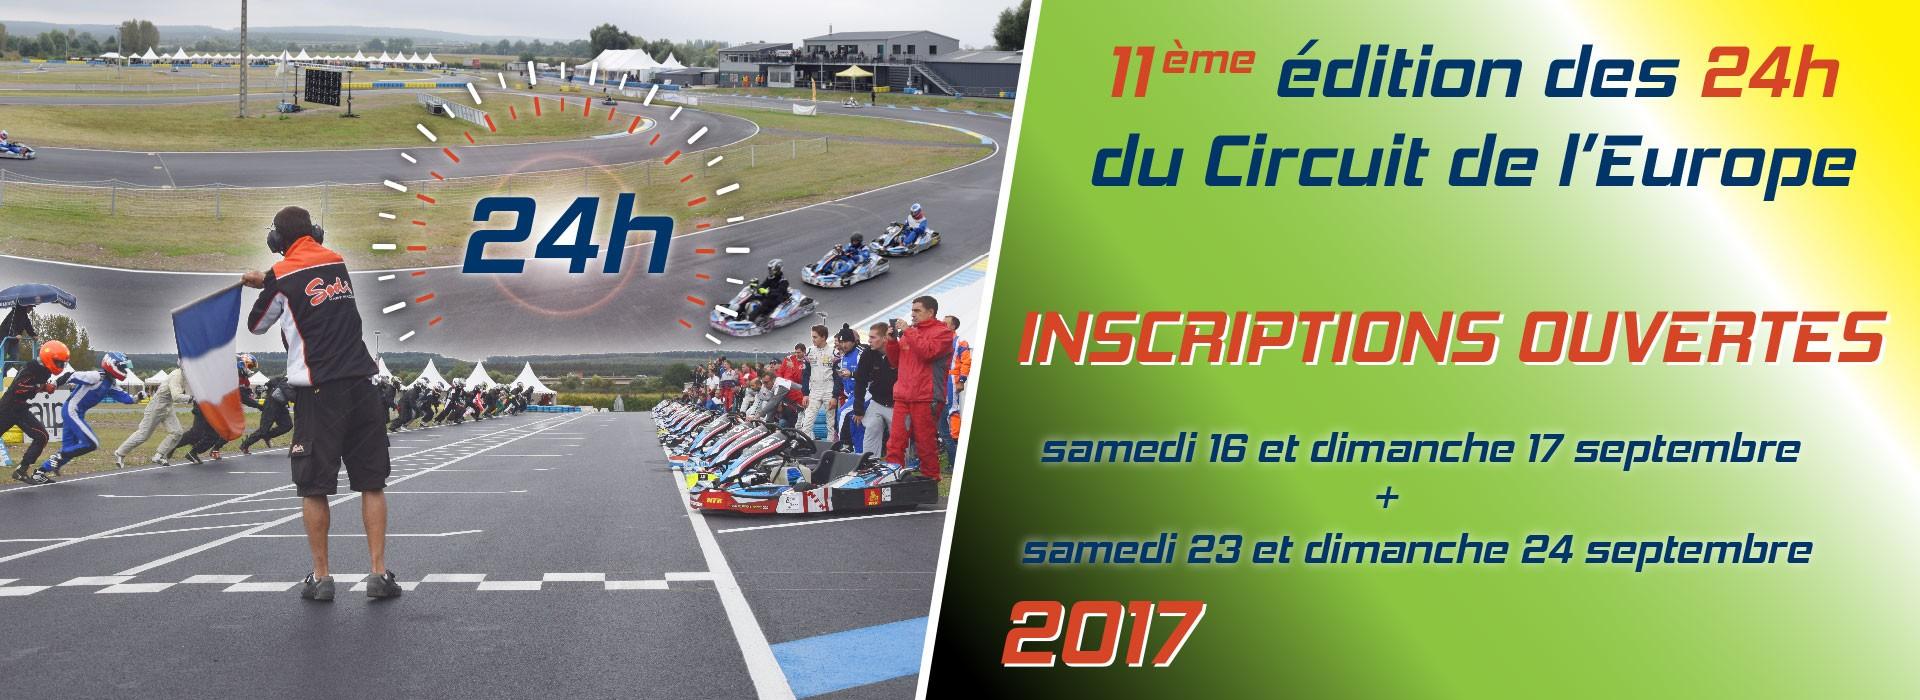 24h du Circuit de l'Europe